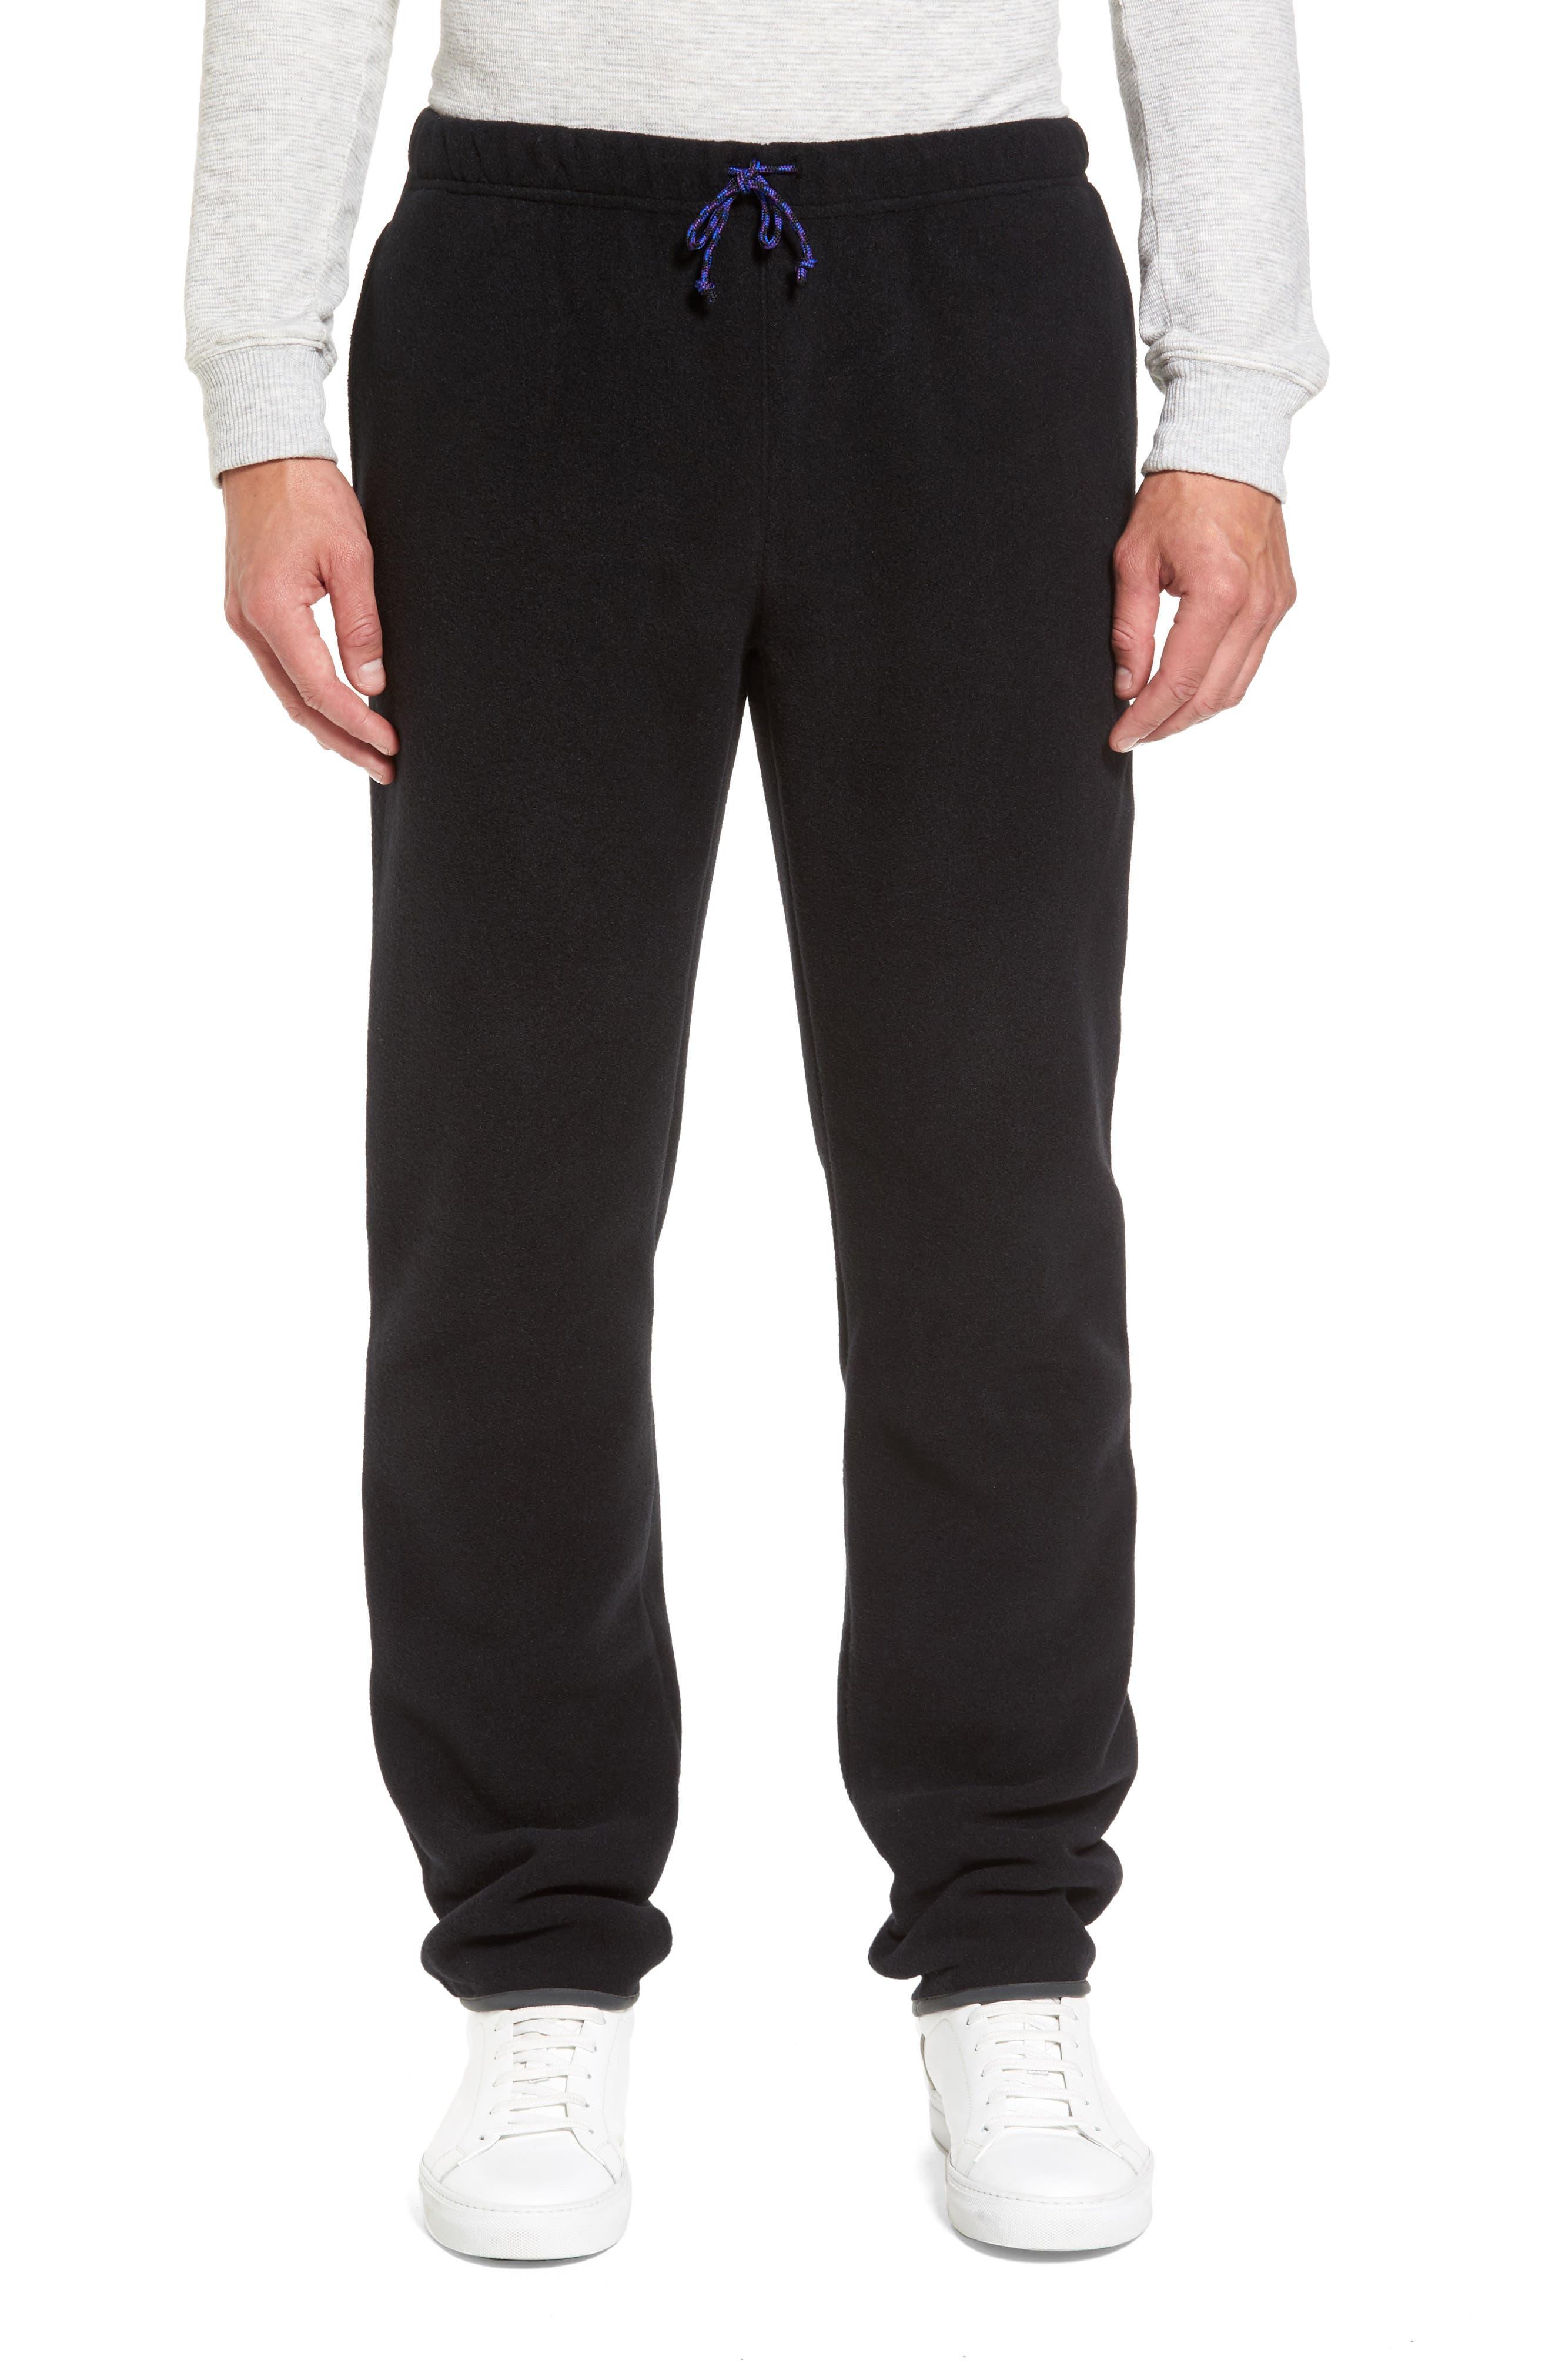 Synchilla<sup>®</sup> Fleece Pants,                             Main thumbnail 1, color,                             001